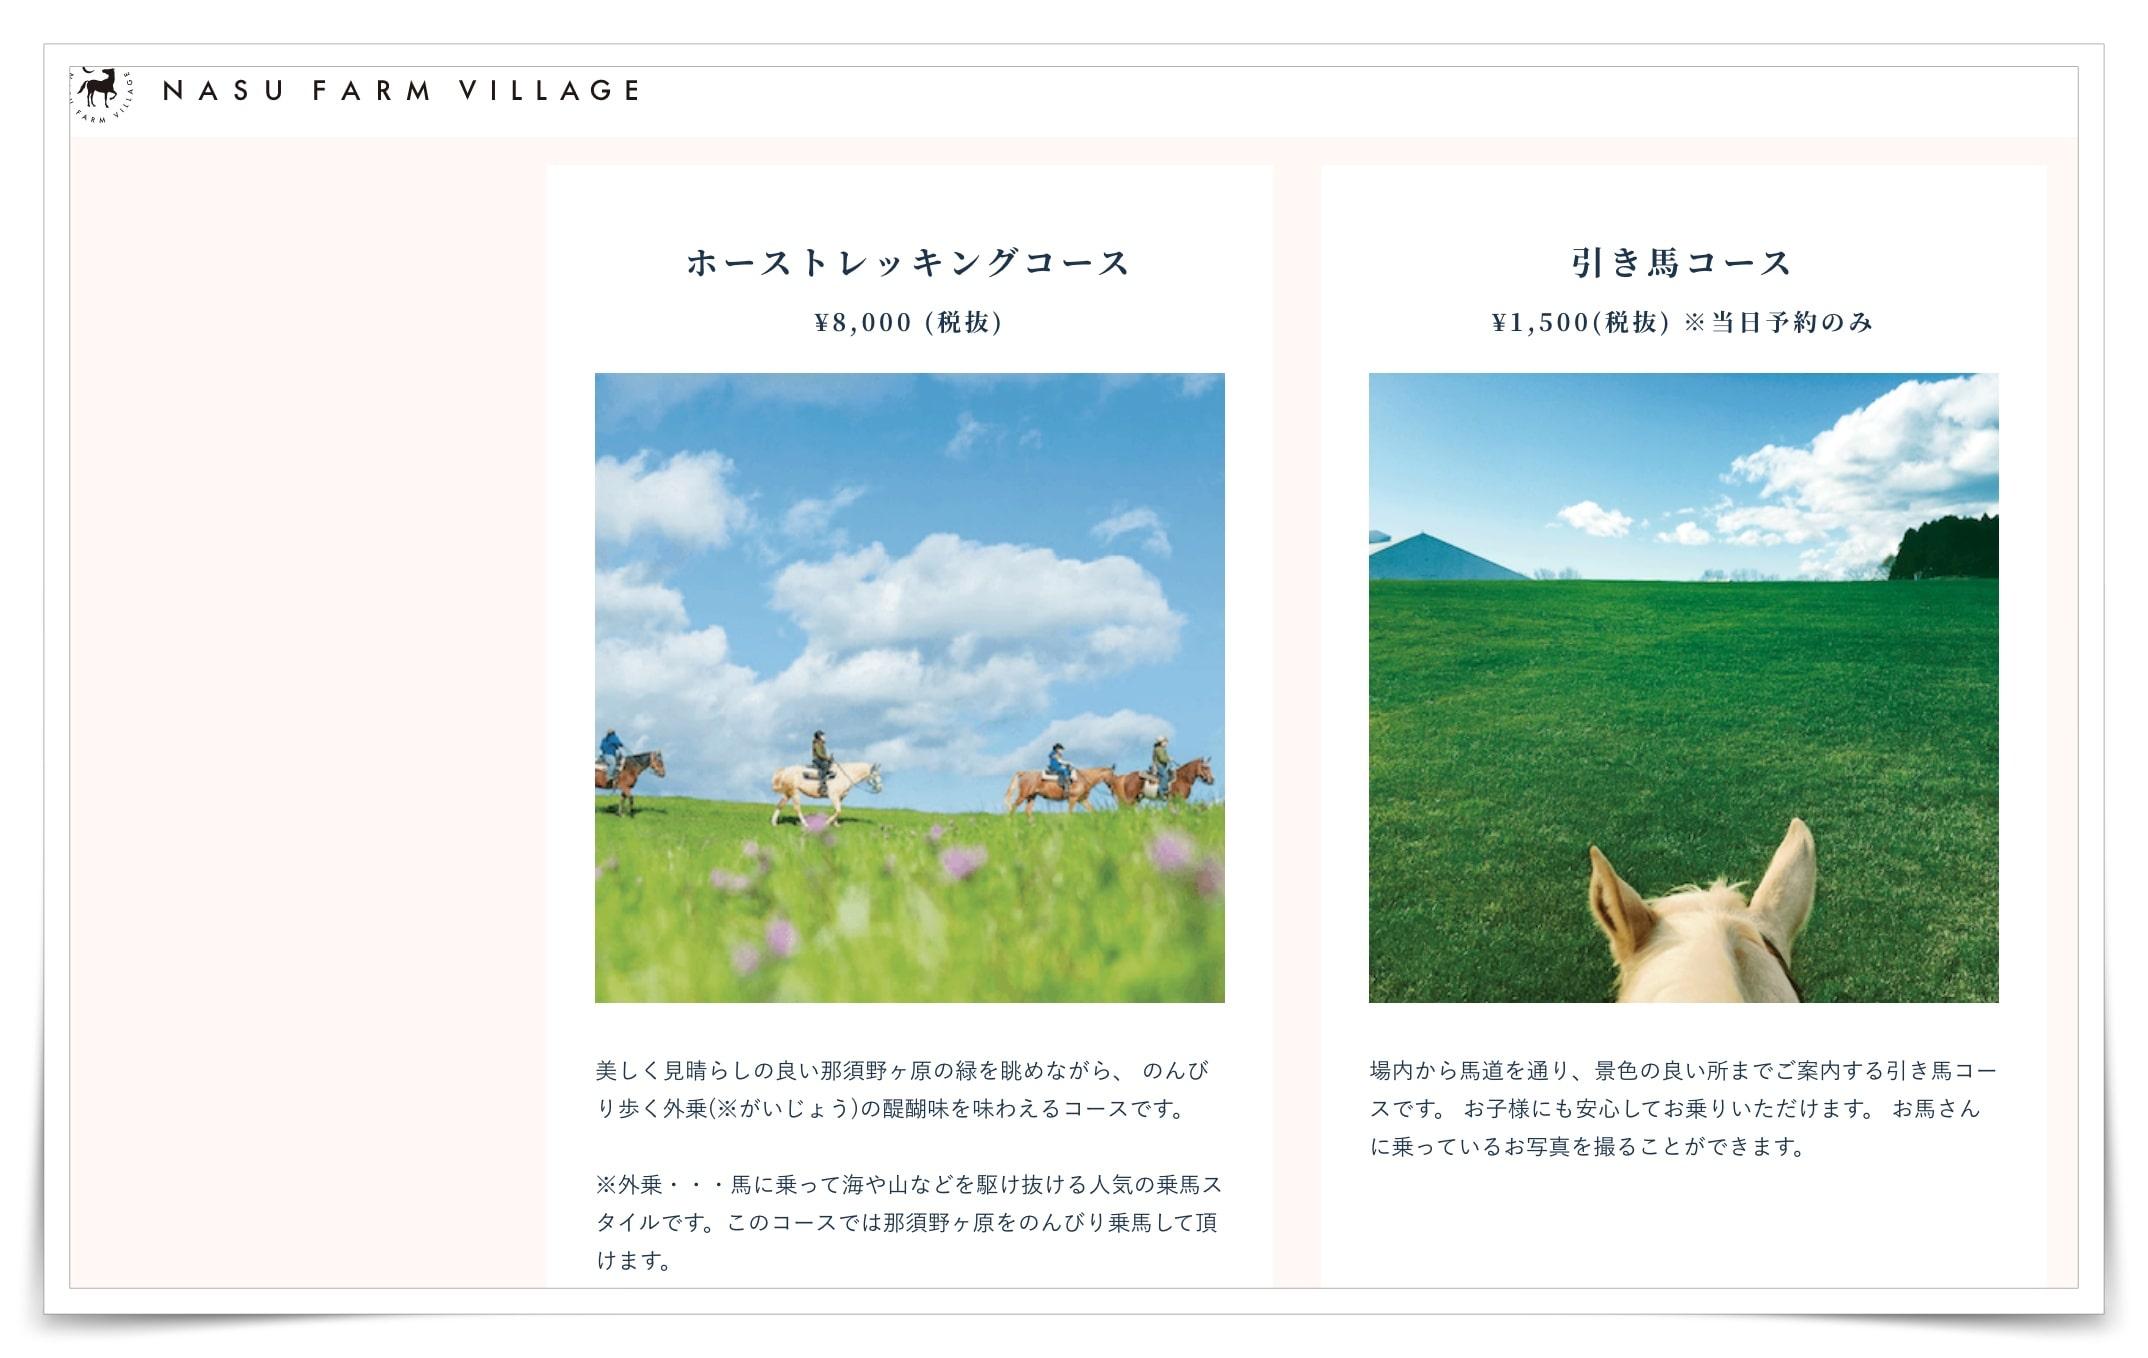 紗栄子の牧場の画像